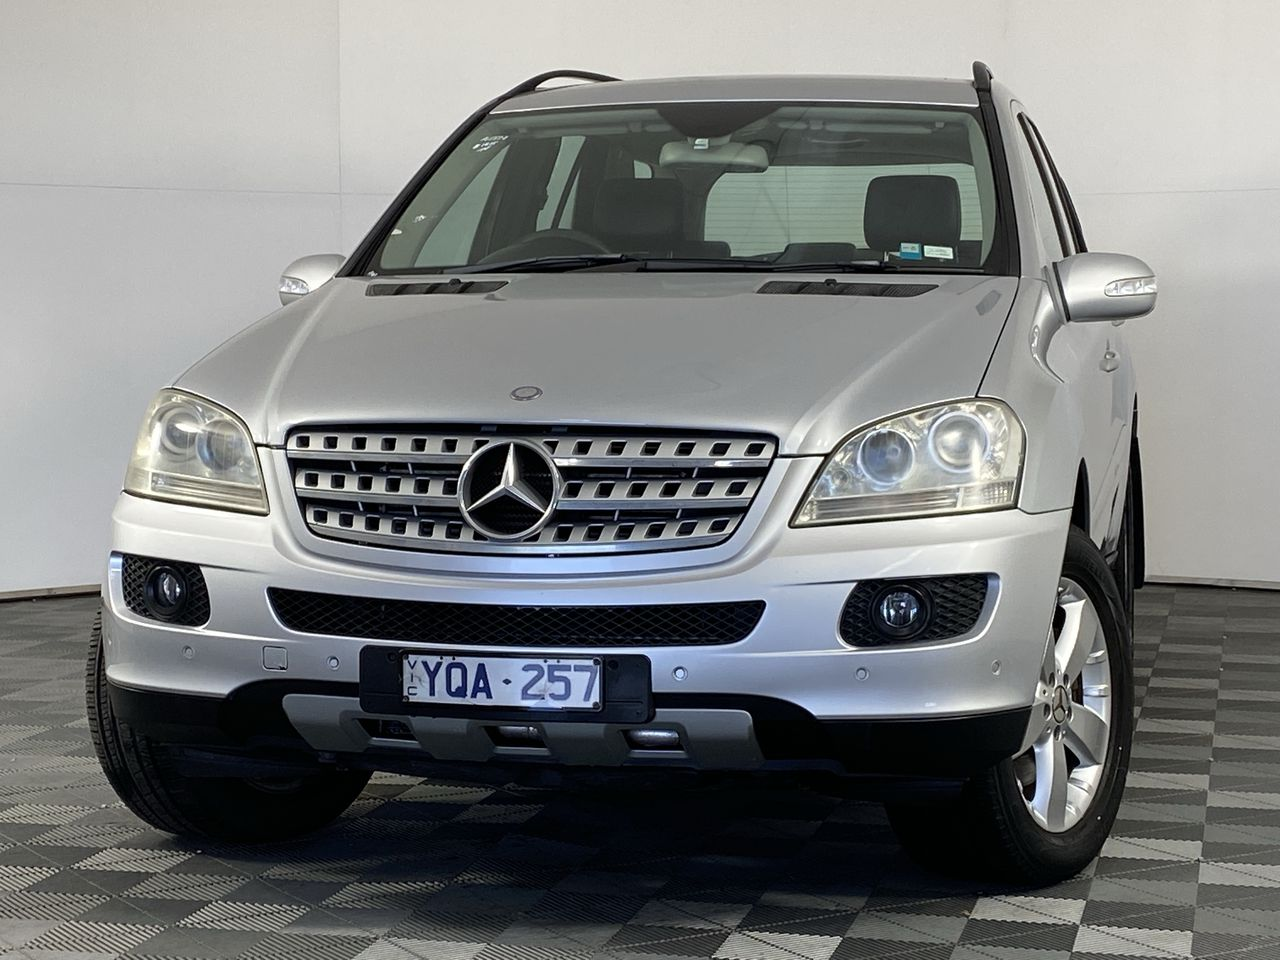 2006 Mercedes Benz ML320CDI W164 Turbo Diesel Automatic Wagon